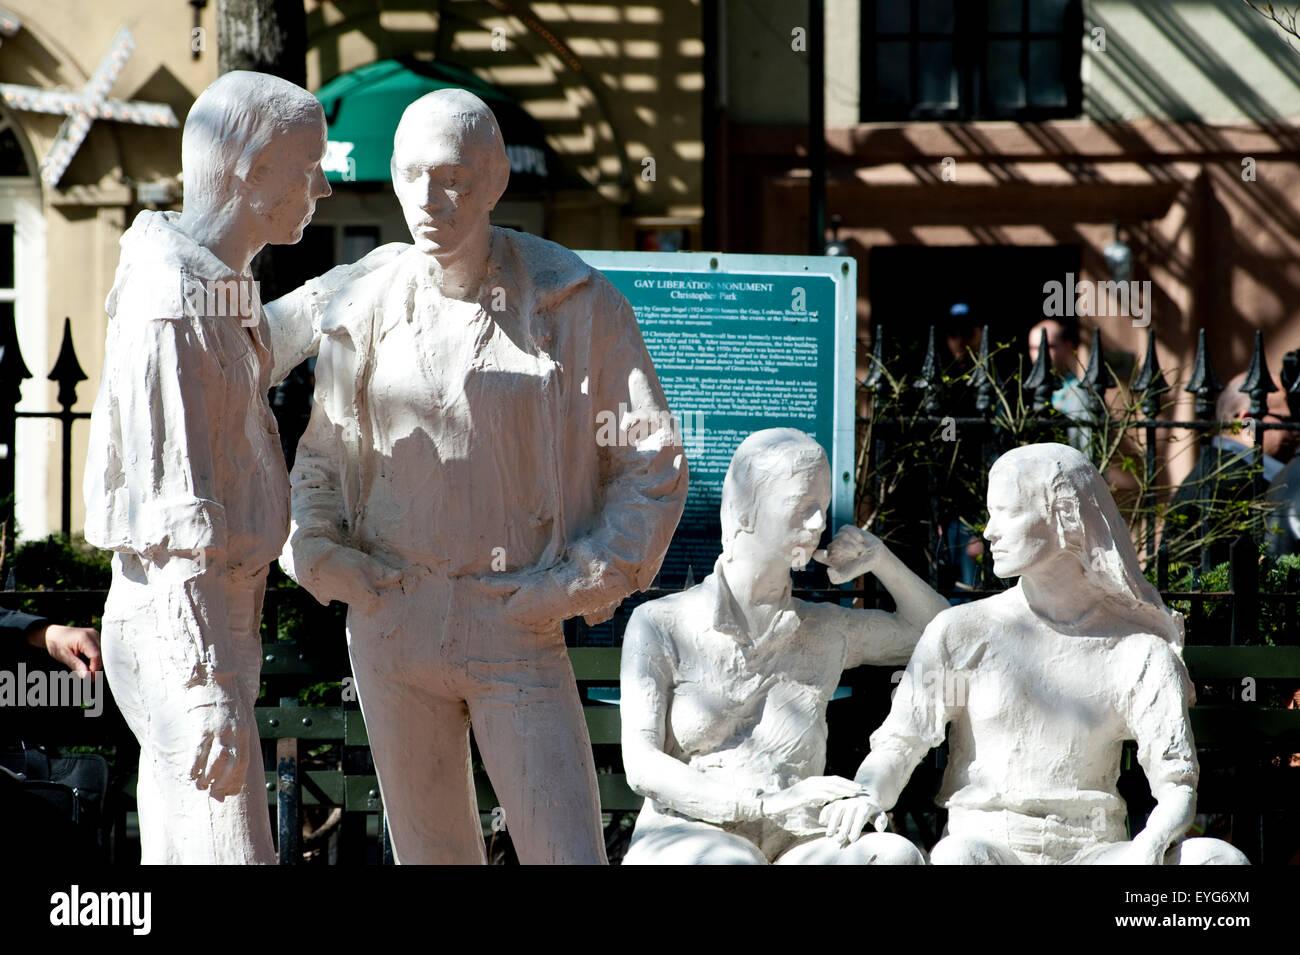 Monument de la libération Gay Stonewall en parc. West Village, à Manhattan, New York, USA Photo Stock